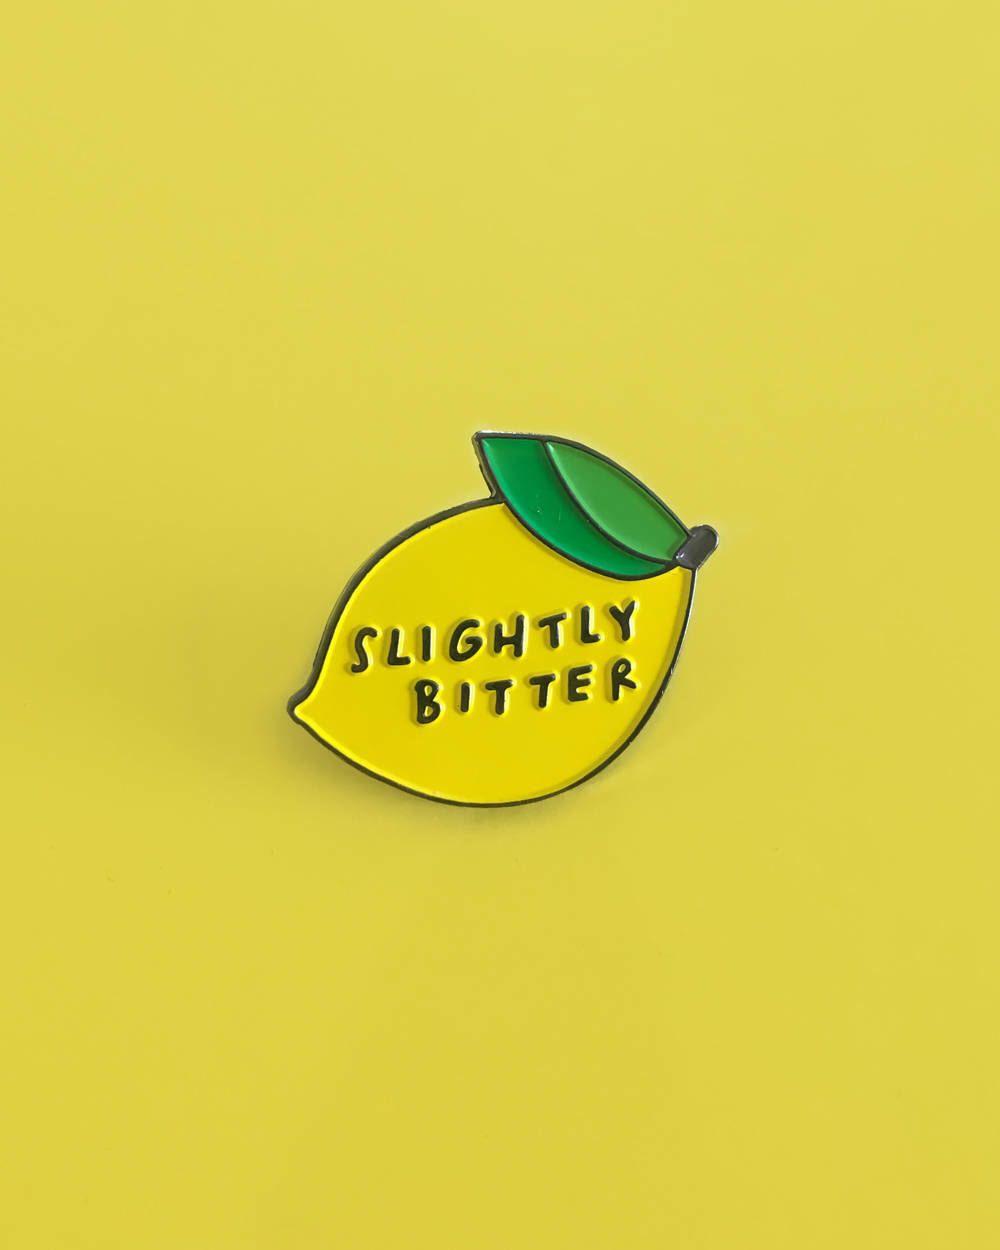 The OG Slightly Bitter, enamel pin in 2019 | PIN BACKS&BUTTONS